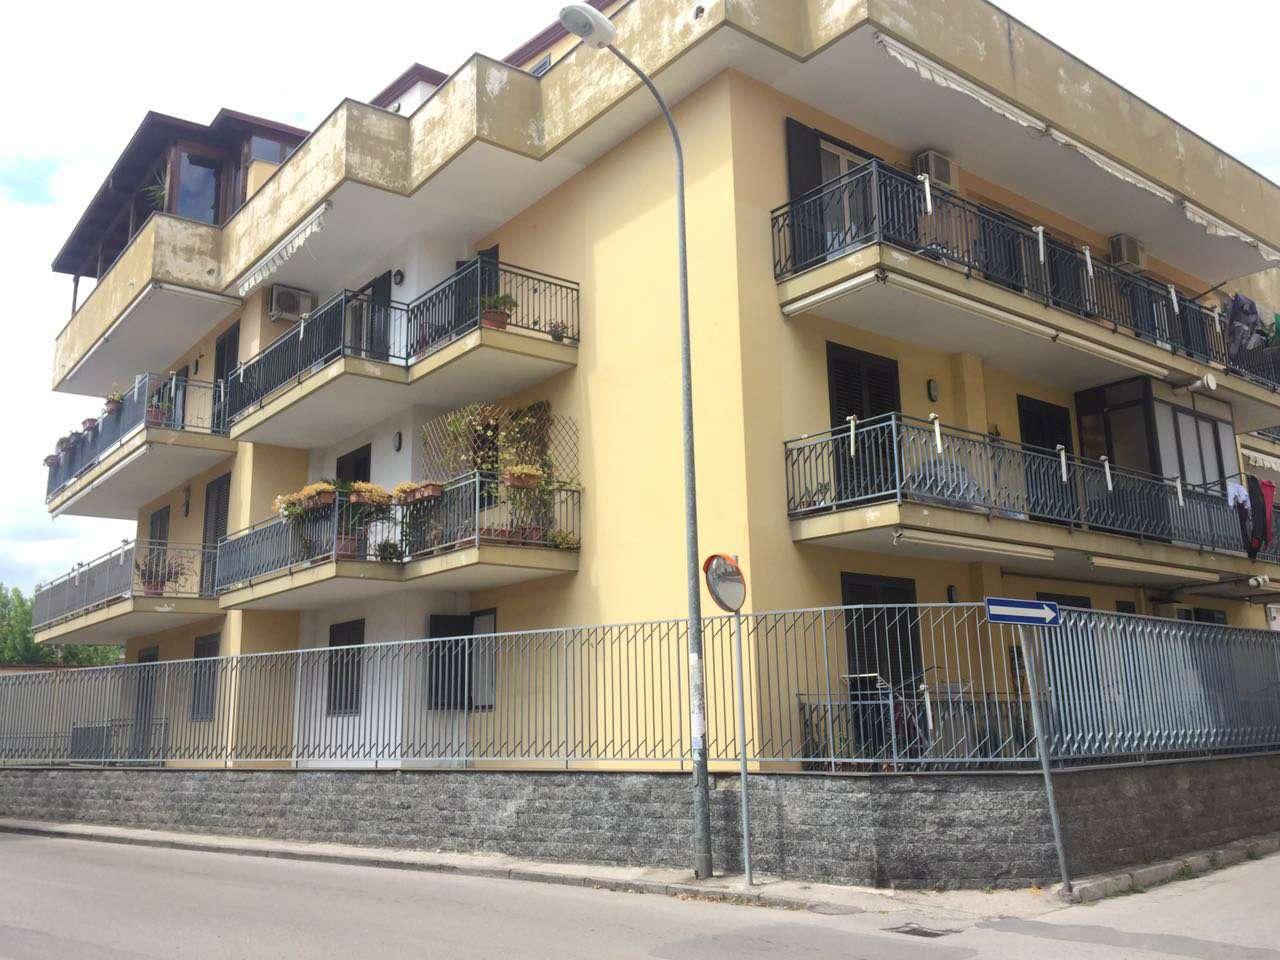 Appartamento in vendita a Grumo Nevano, 4 locali, prezzo € 165.000 | CambioCasa.it